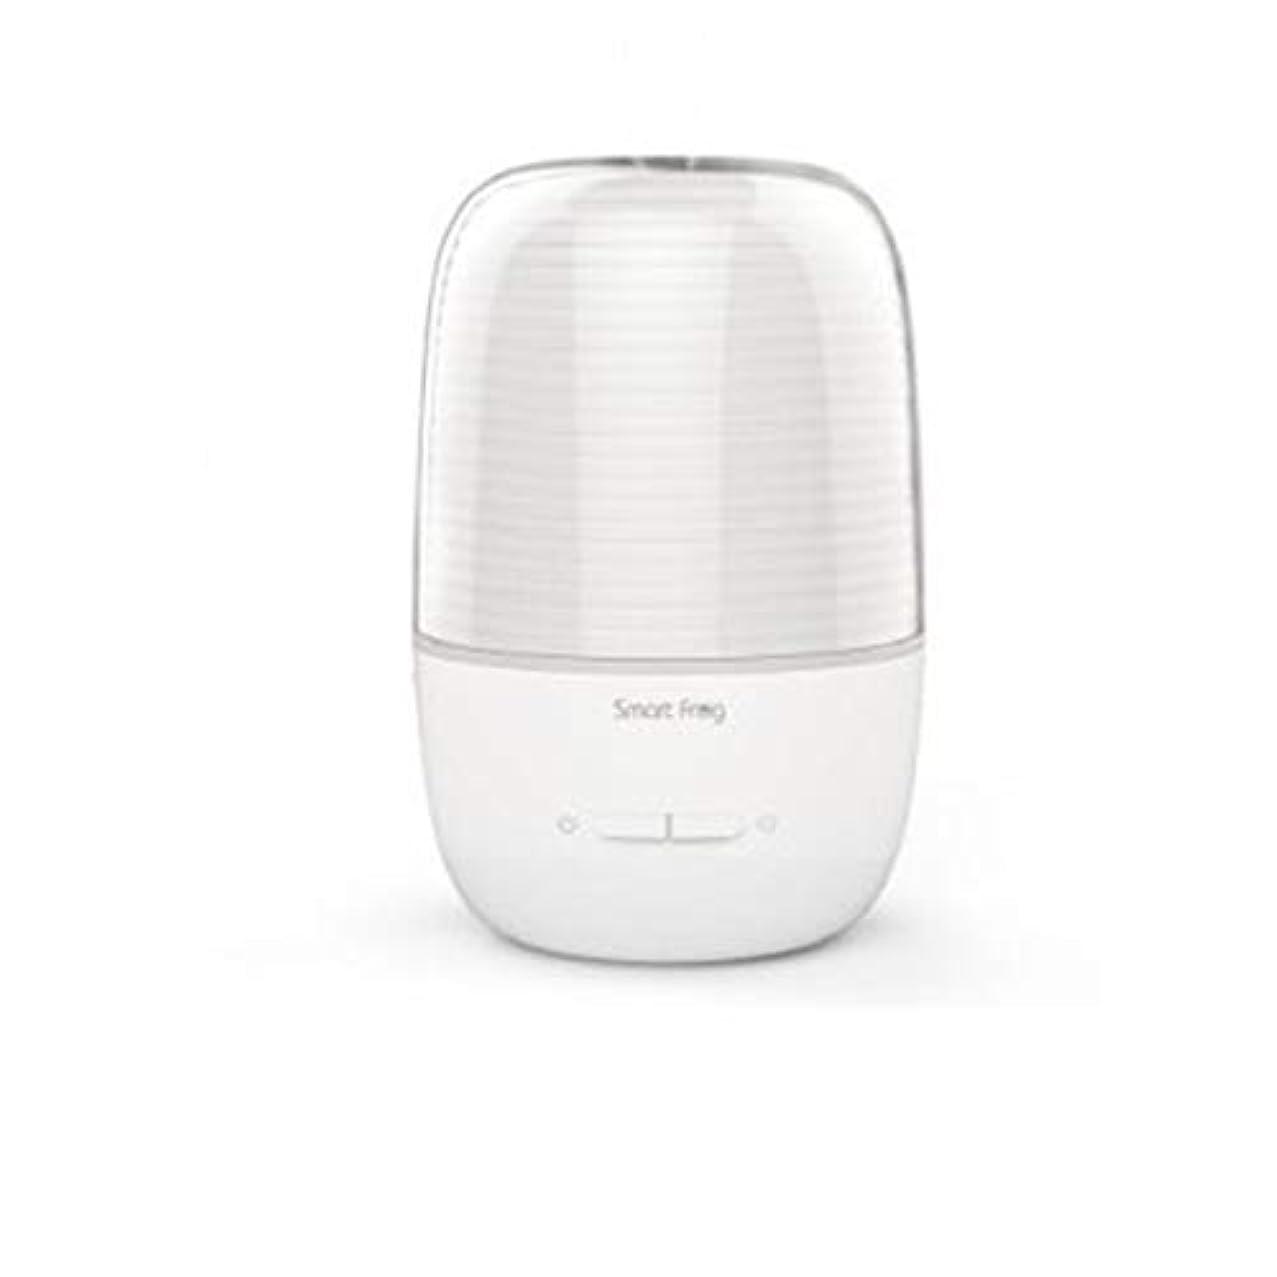 防止材料解放130ml超音波冷たい霧の加湿器の変更家のヨガのオフィスの鉱泉の寝室の拡散器 (Color : White)